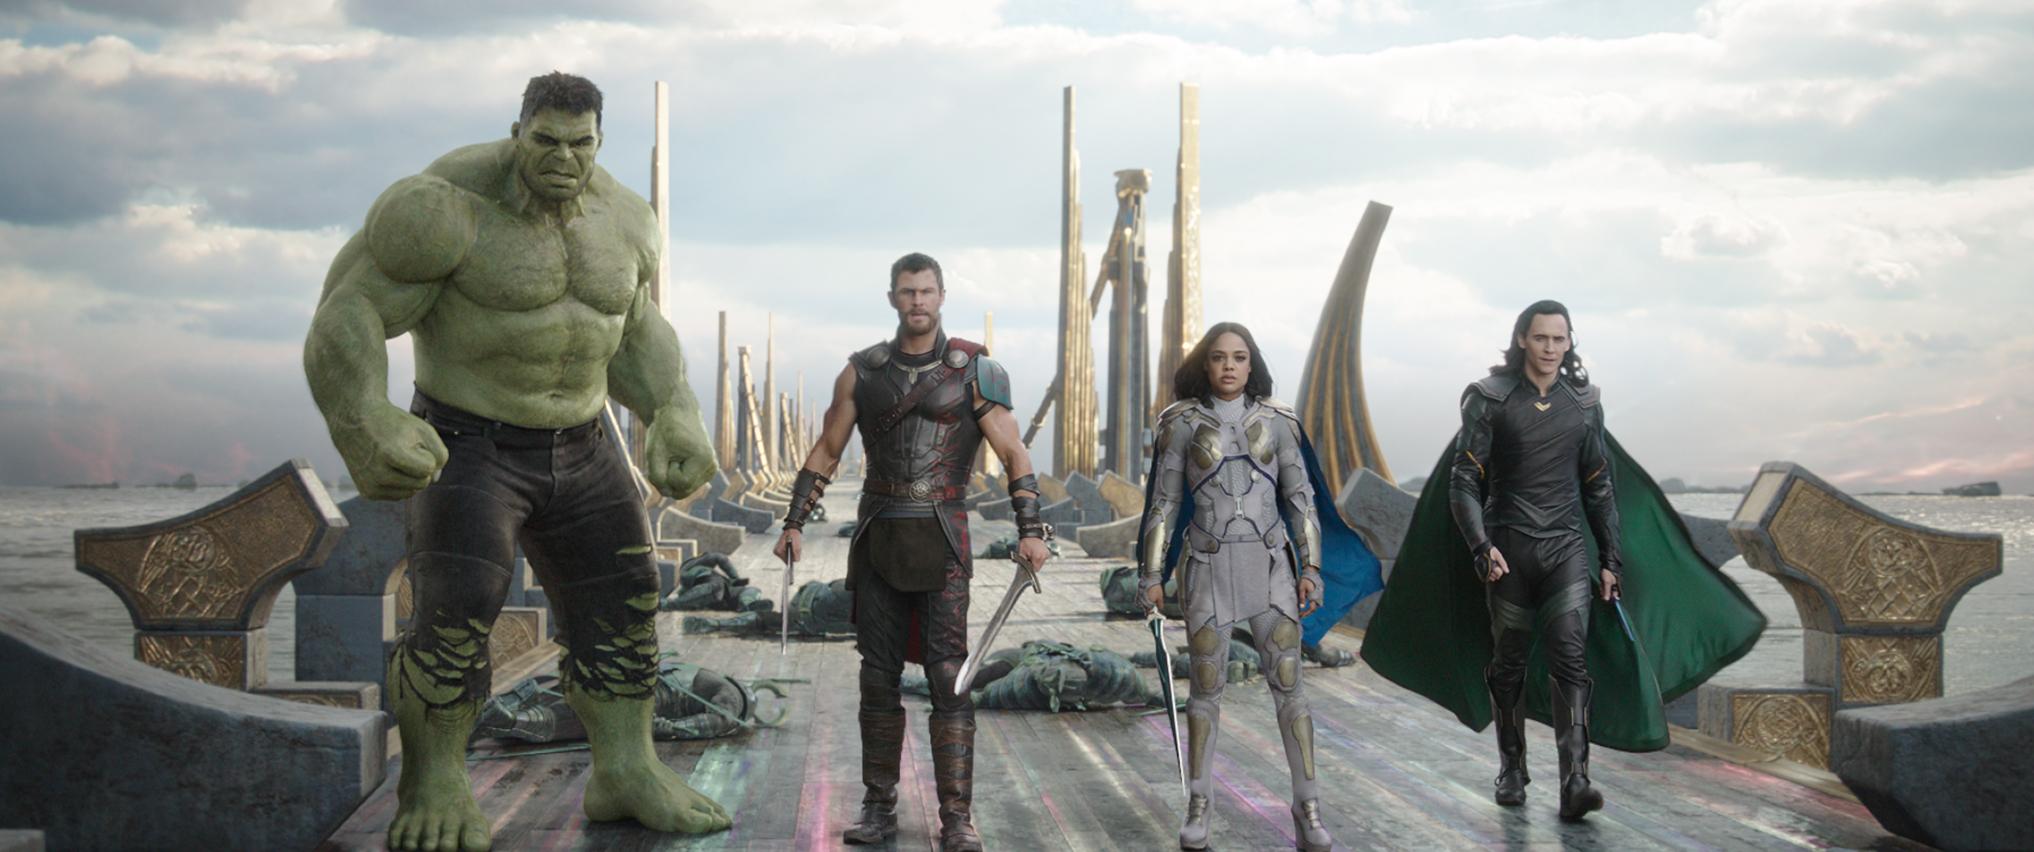 Superheroes Against Science In Thor: Ragnarok